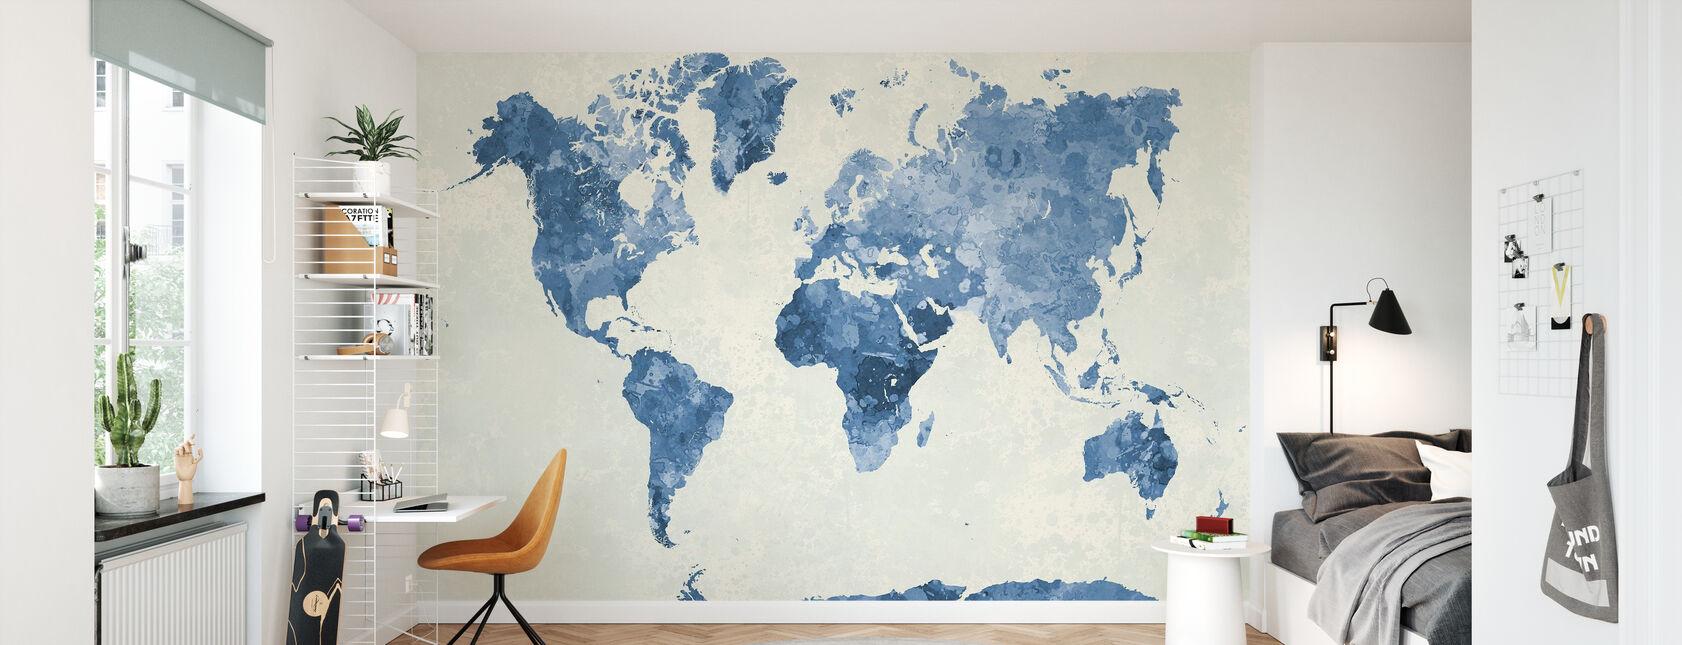 Sininen maailma akvarellissa - Tapetti - Lastenhuone